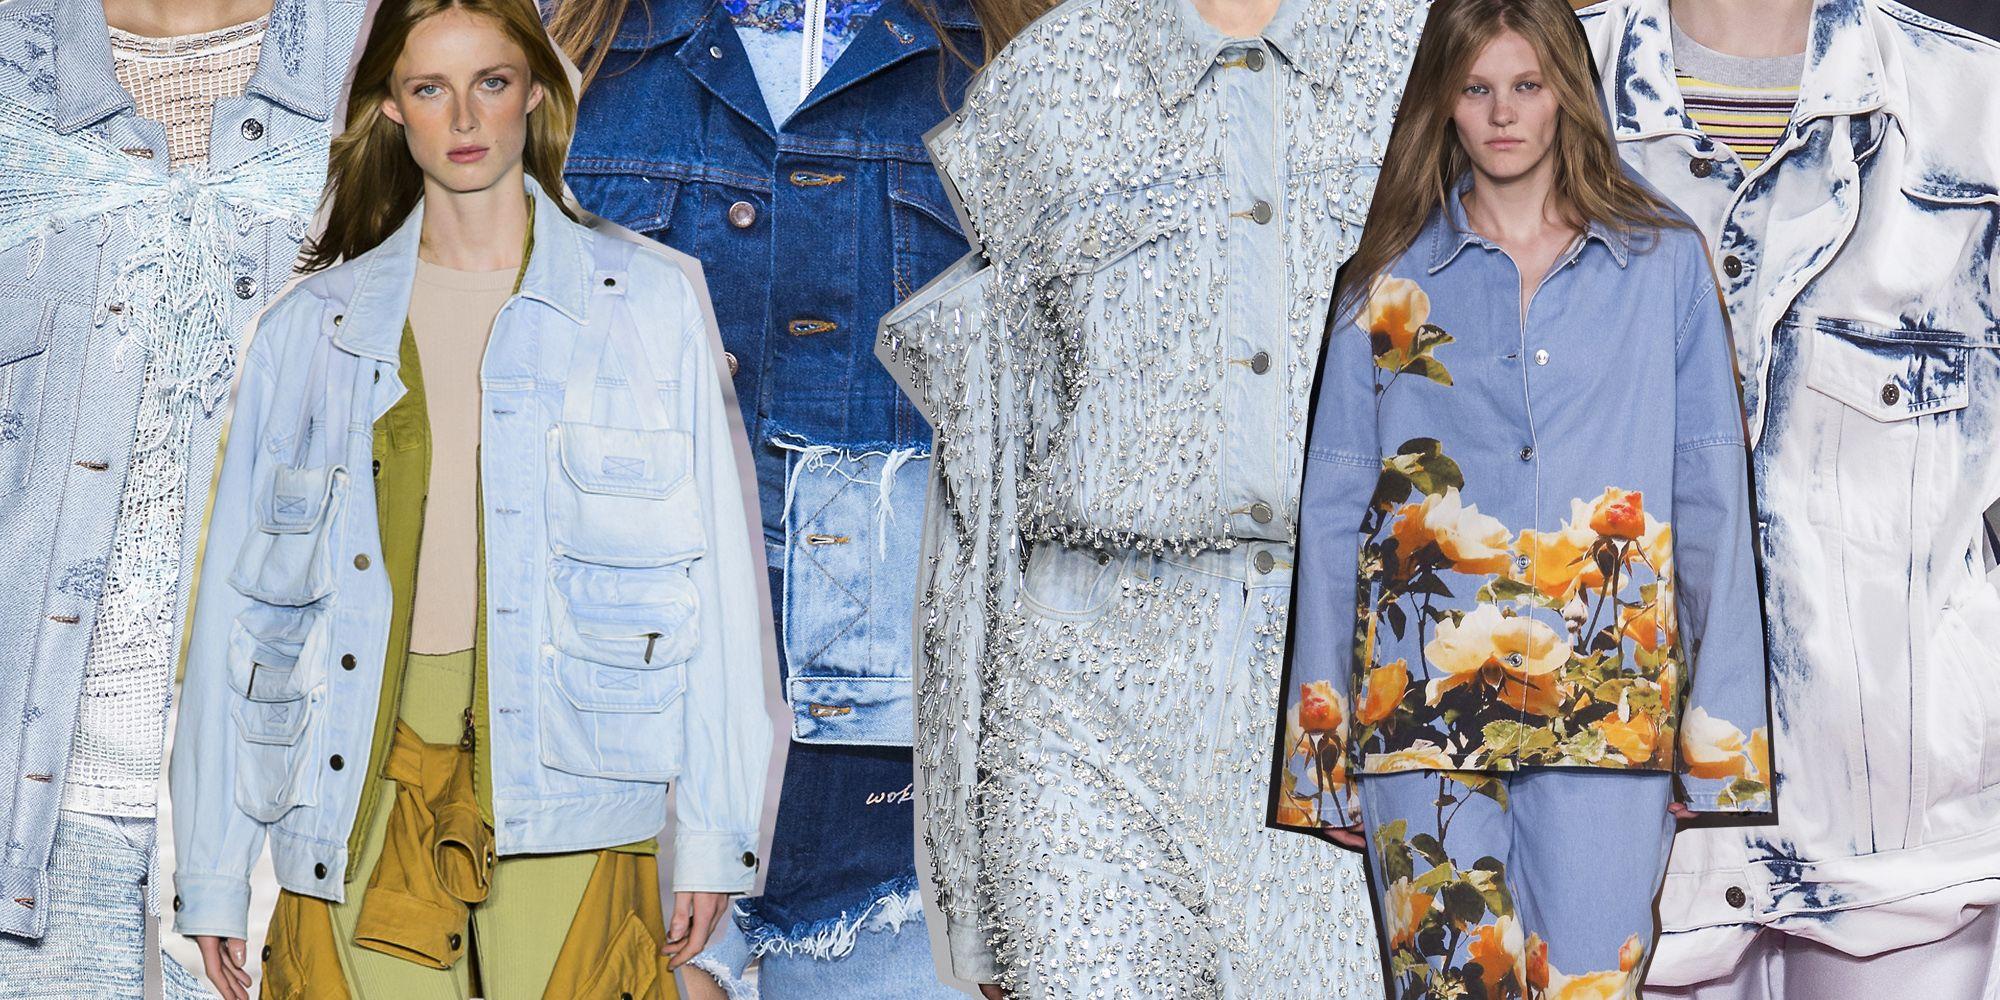 Giubbotto jeans moda 2019: i modelli della primavera estate